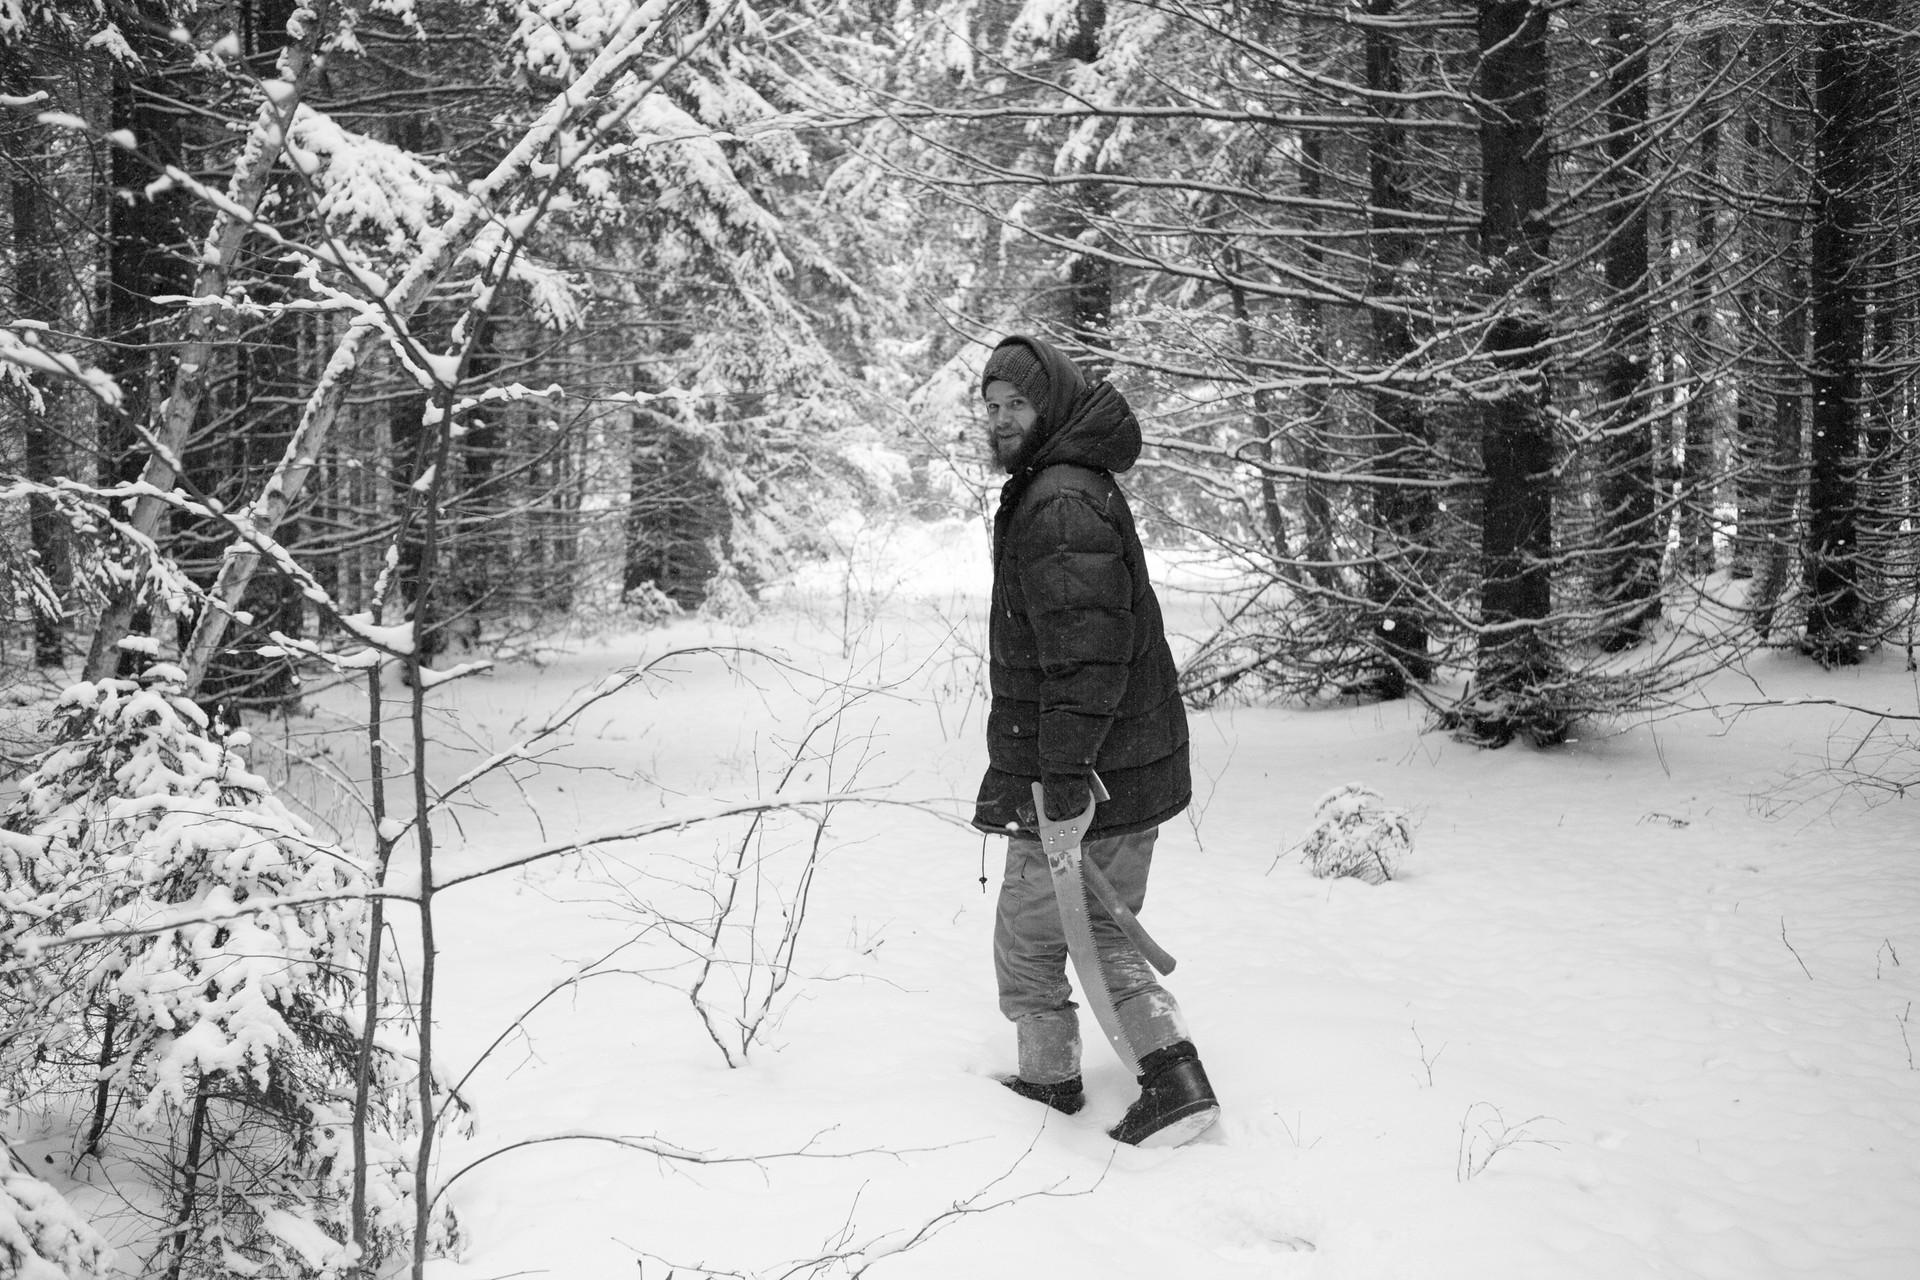 Андреј је некада живео у Москви, радио као новинар. Данас и он даје предност животу у шуми.